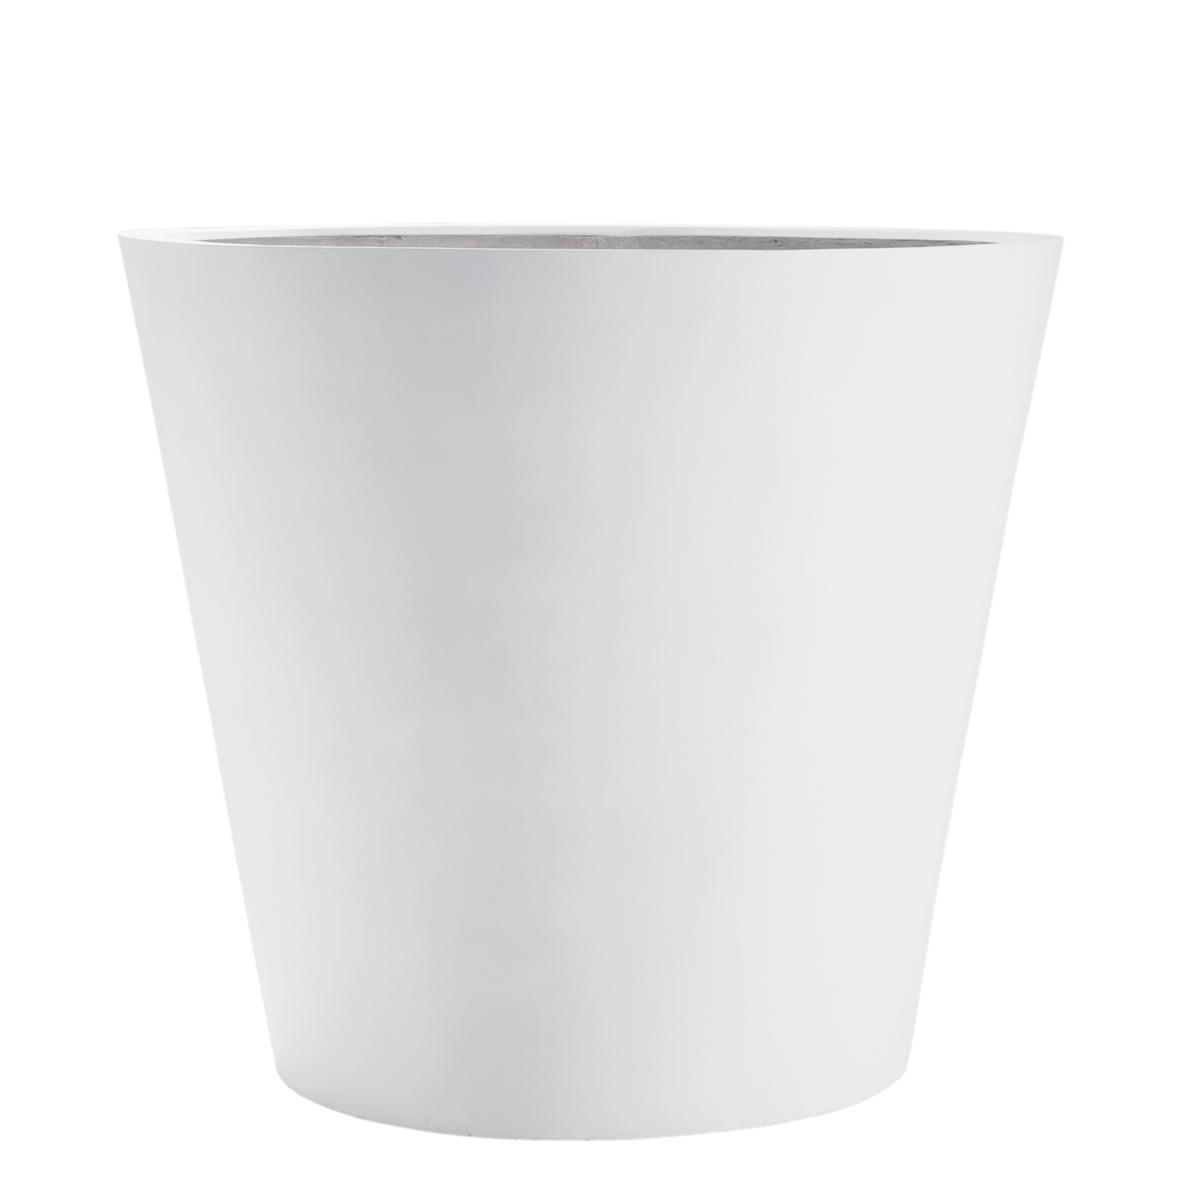 STONEFIBER der Runde Pflanzgefäß 80 cm weiß